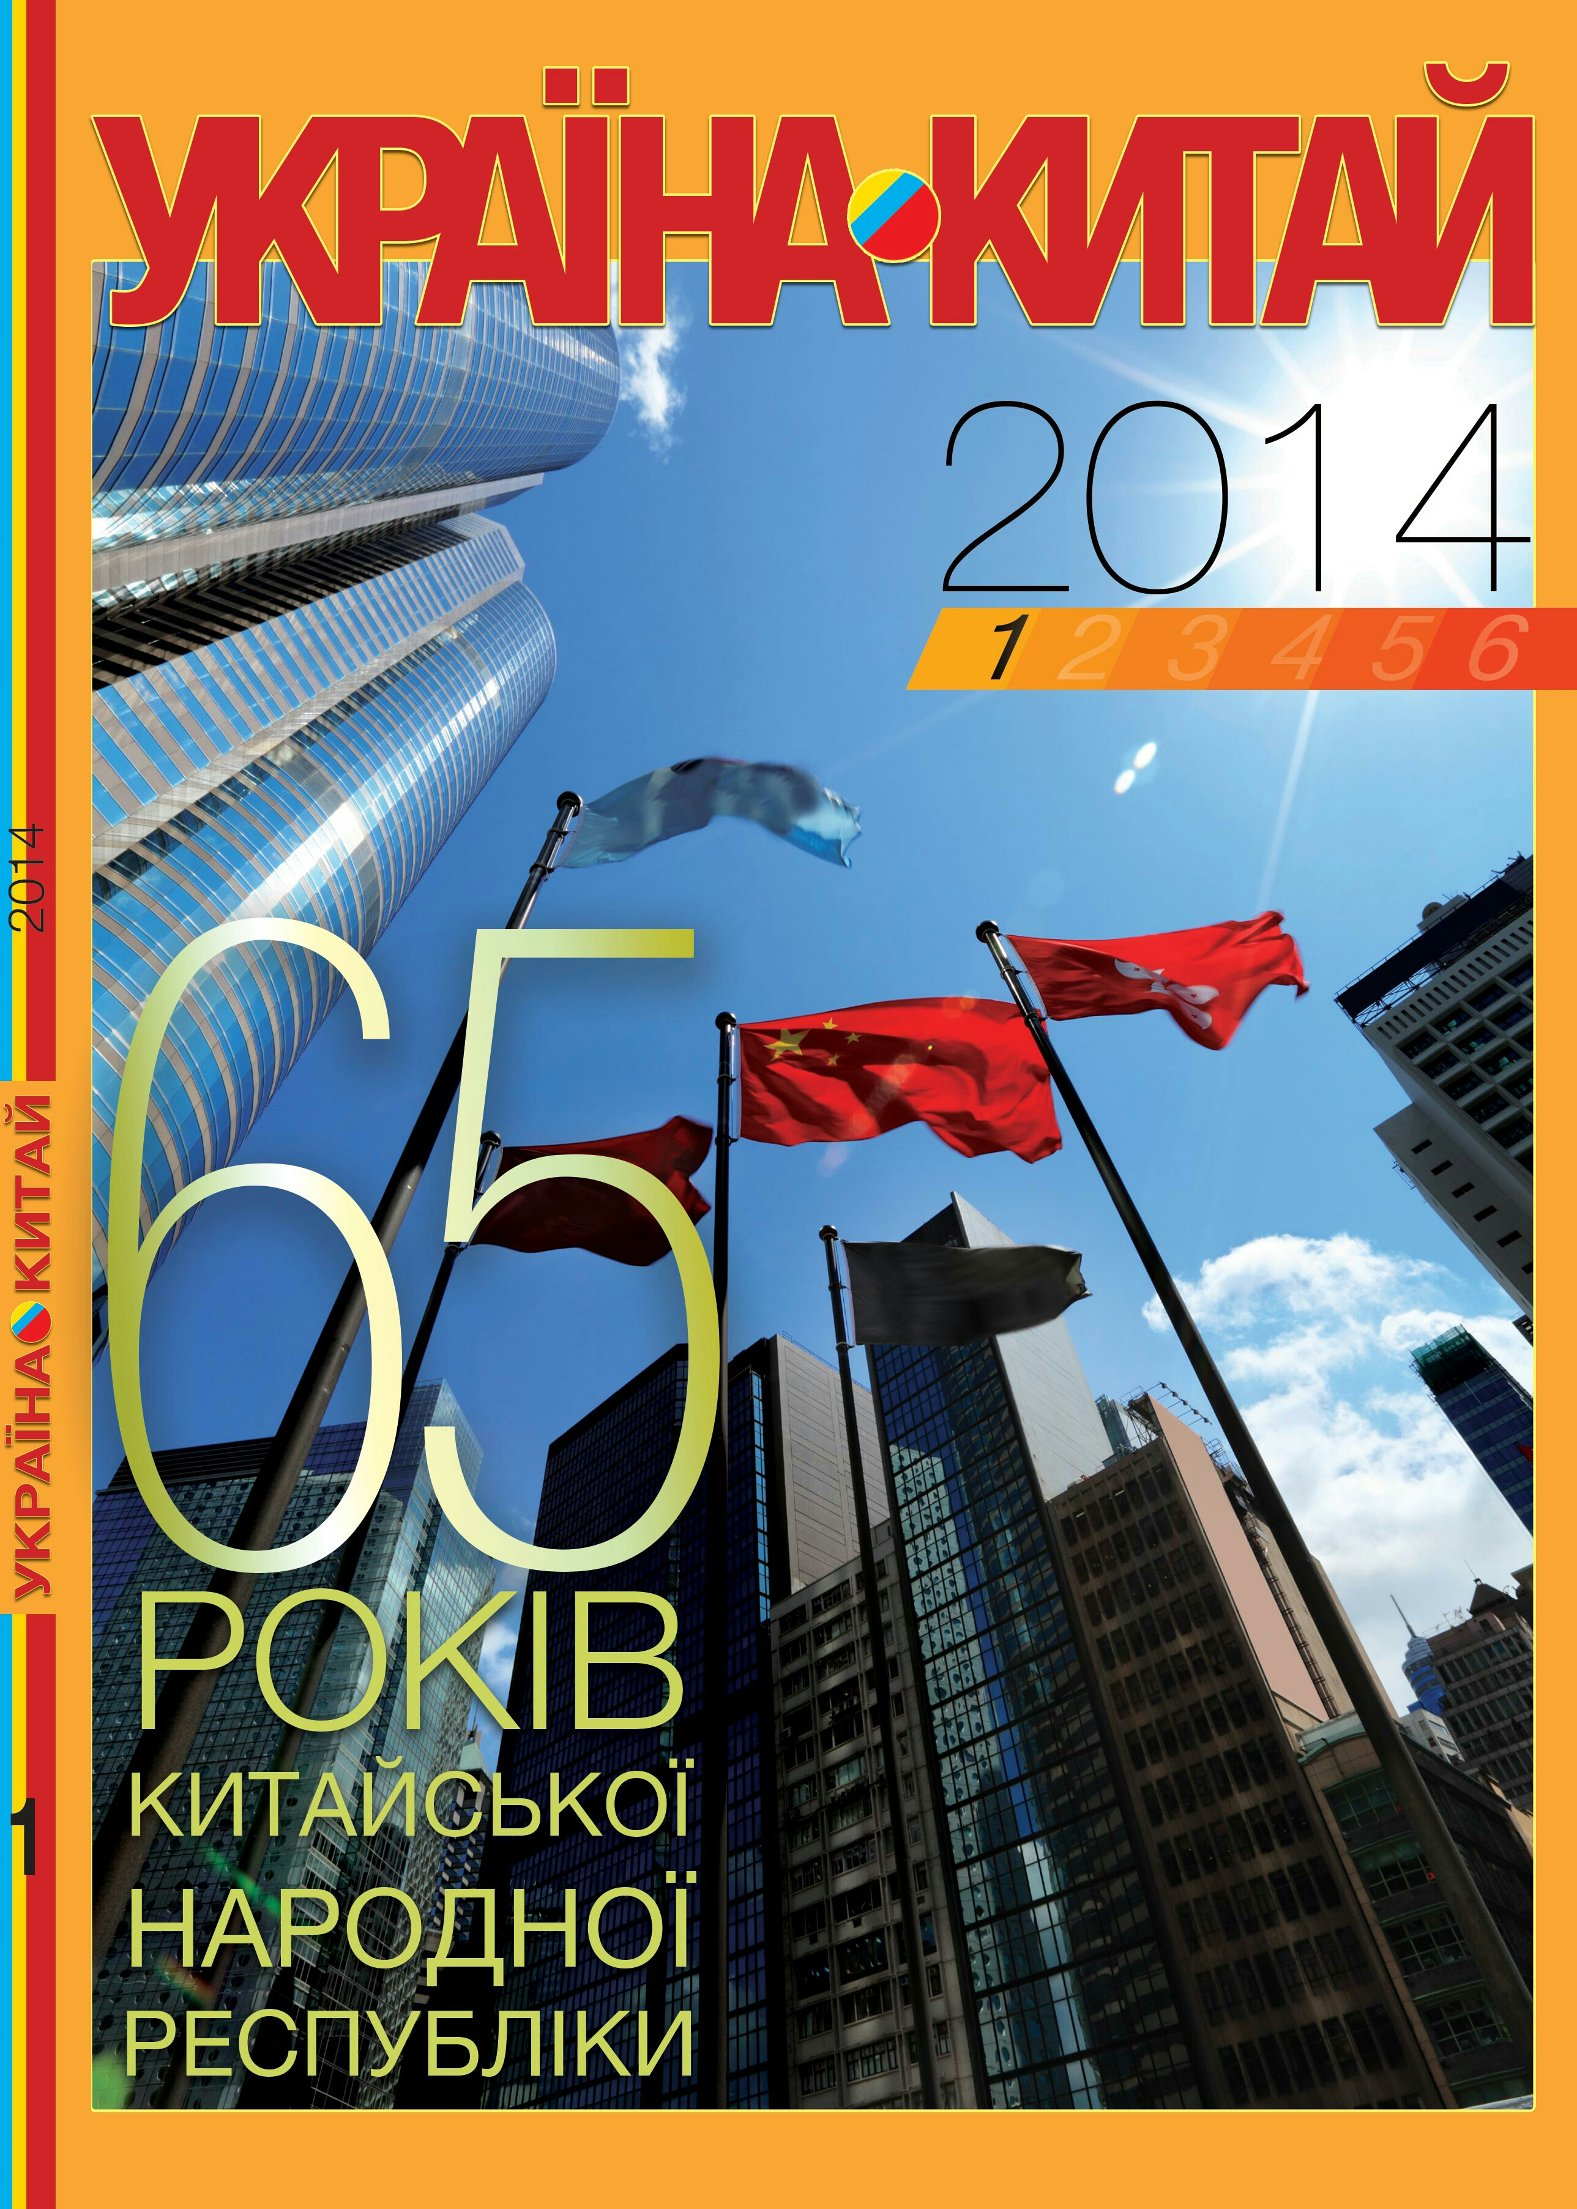 Ukraine-China 2014, 1(6)